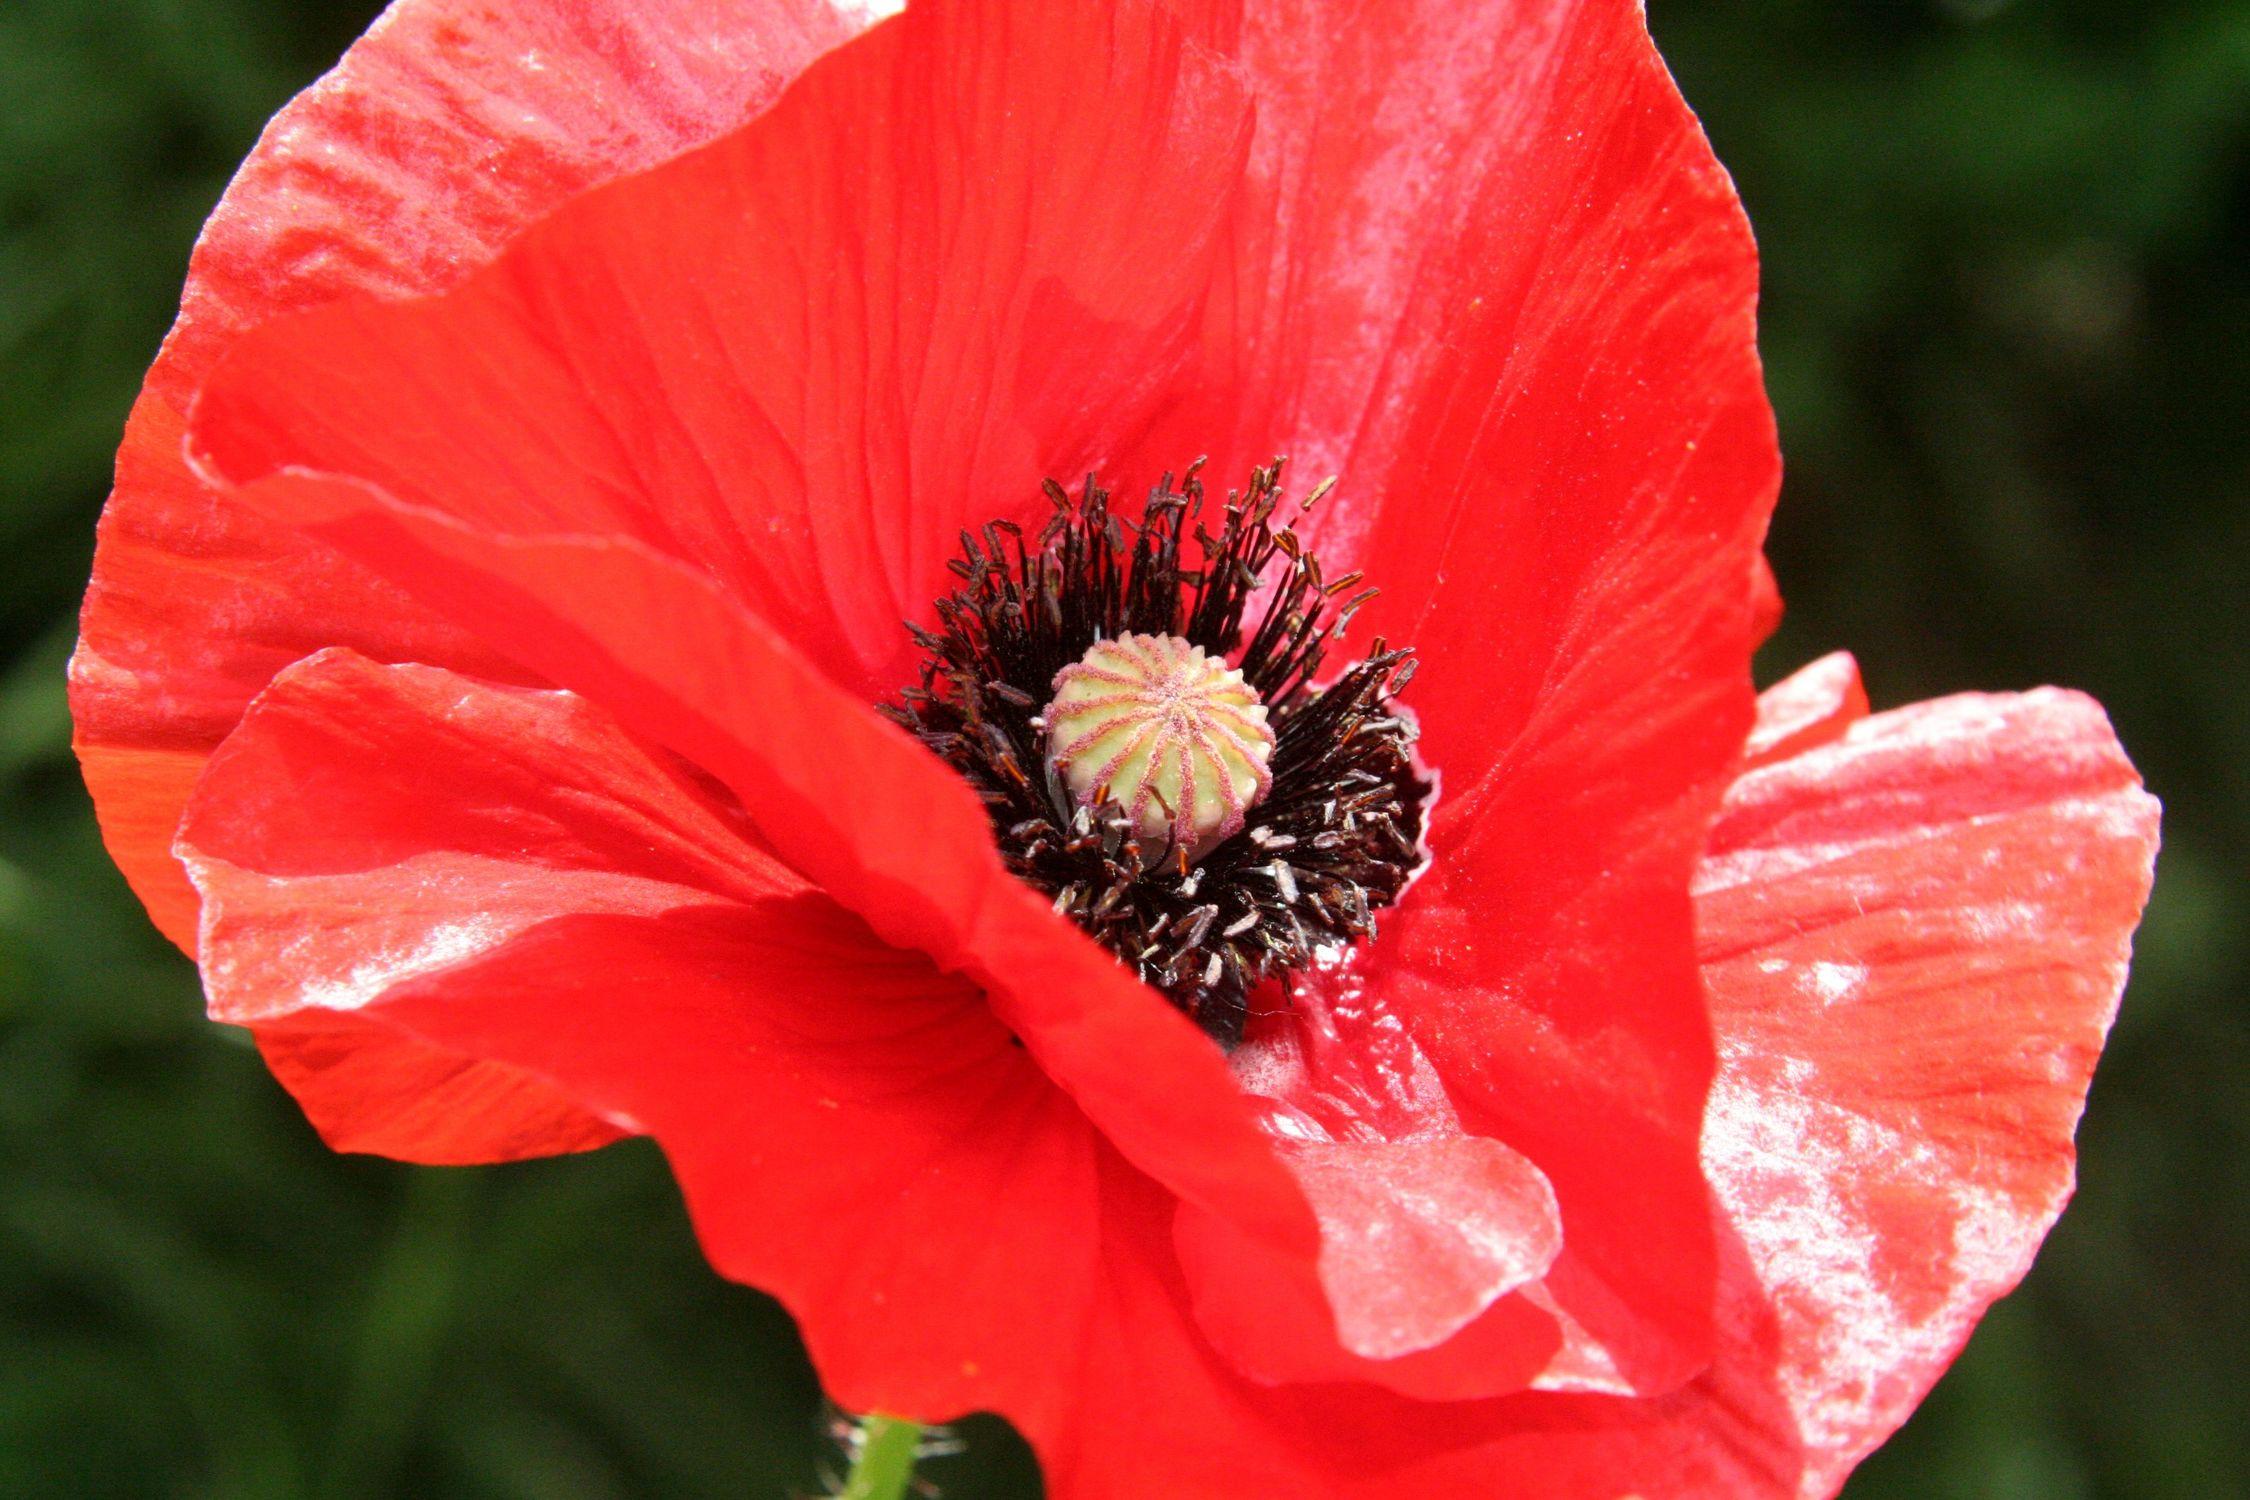 Bild mit Farben, Natur, Pflanzen, Blumen, Weiß, Rot, Mohn, Pflanze, Mohnblume, Mohneblumen, Poppy, Poppies, Mohnpflanze, Klatschmohn, Klatschrose, Papaver, Mohngewächse, Papaveraceae, Mohnblüte